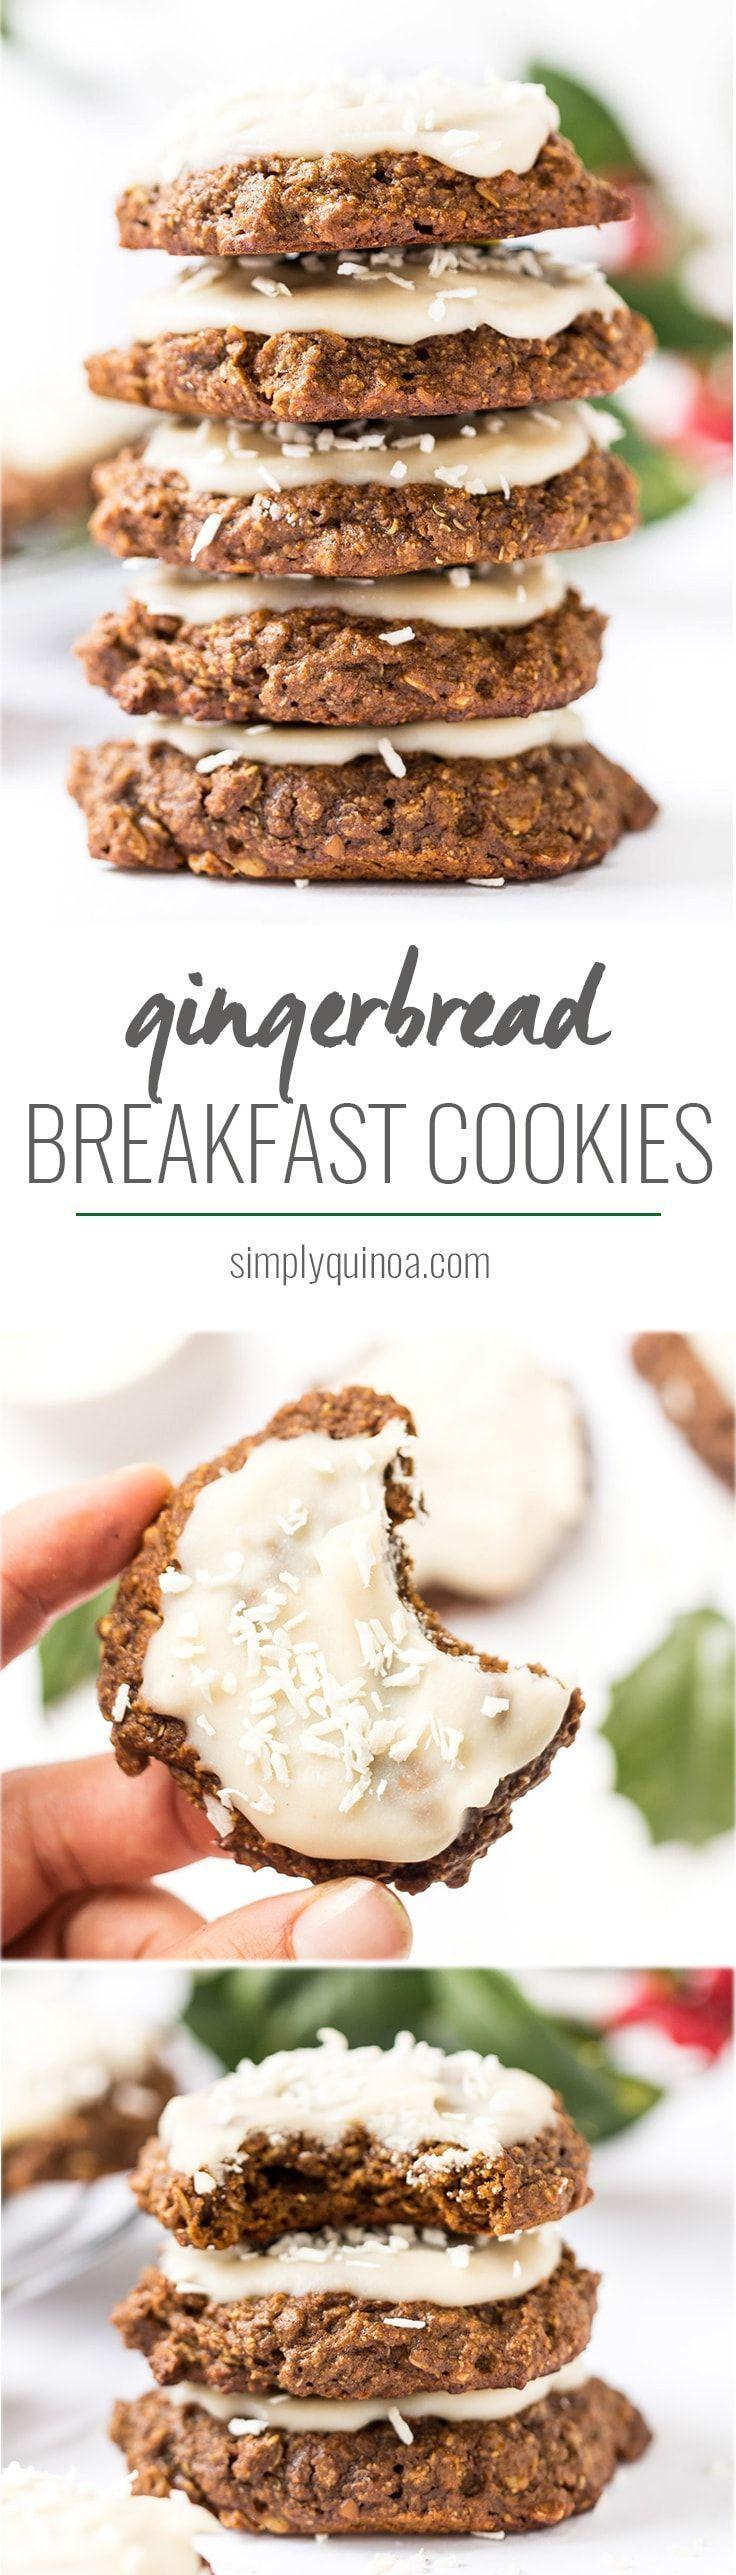 Gingerbread Quinoa Breakfast Cookies Recipe Clean